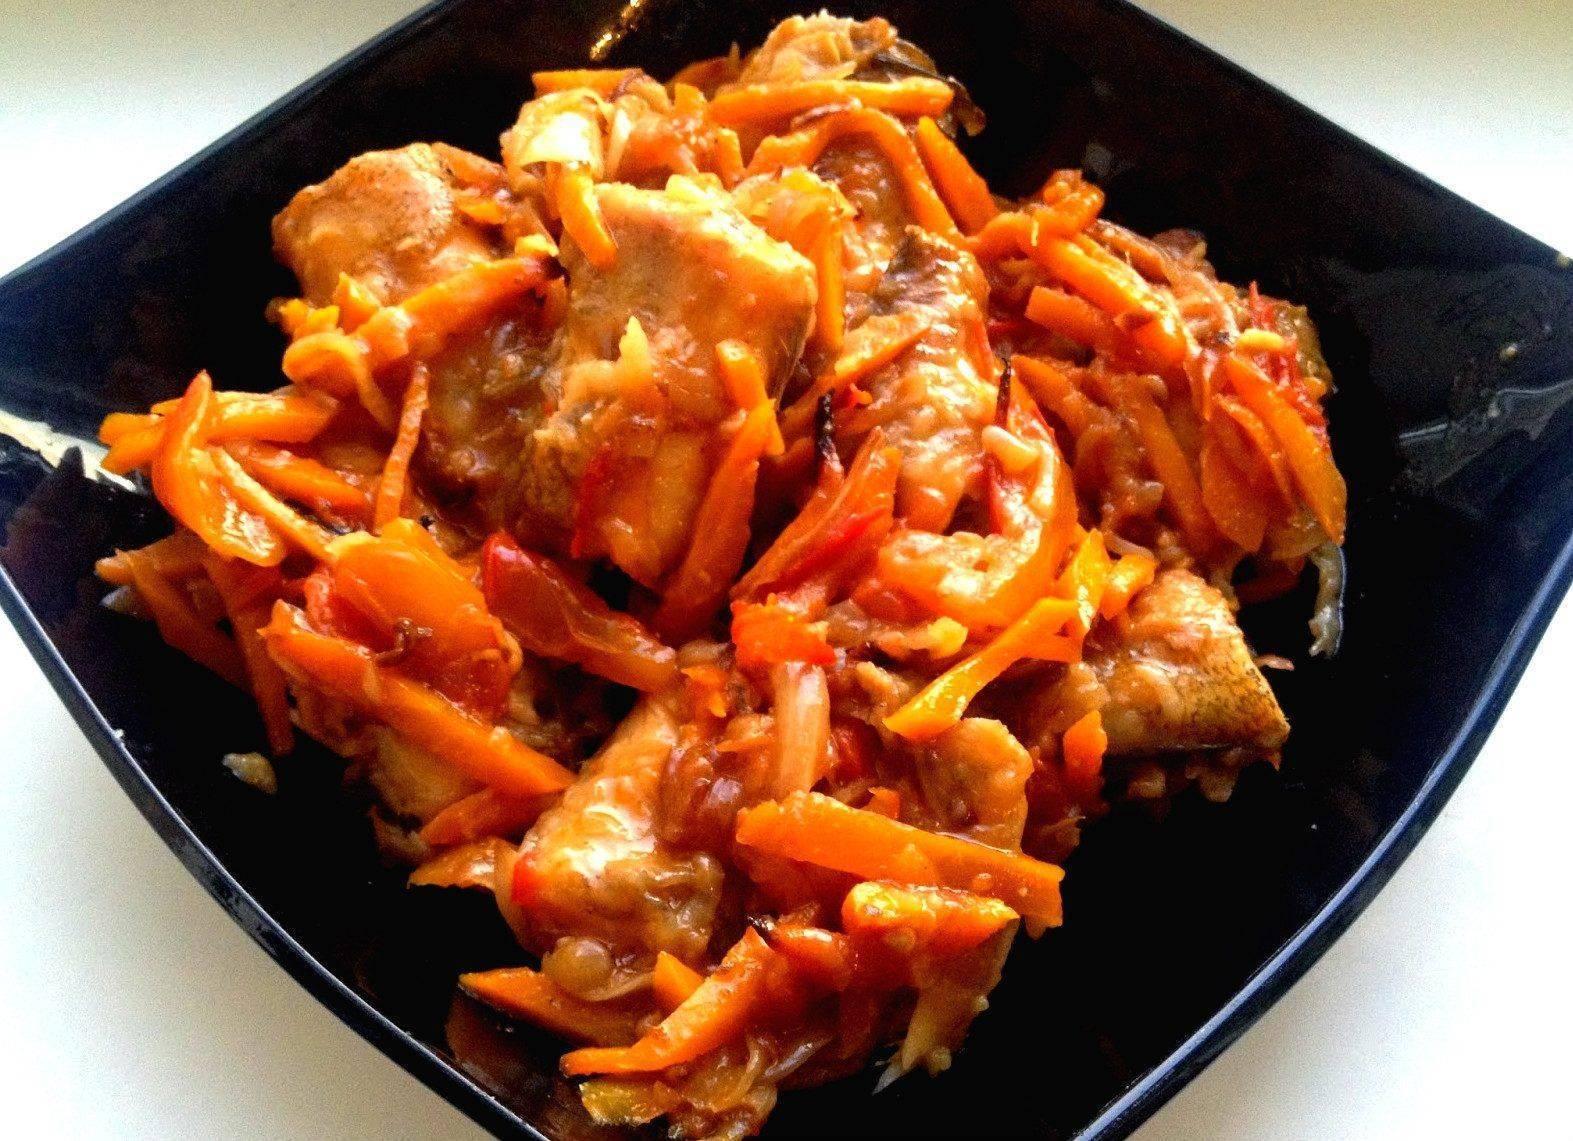 Самый простой рецепт рыбы тушеной с морковью и луком. разная рыба тушеная с морковью и луком - вкусный сюрприз для близких - автор екатерина данилова - журнал женское мнение